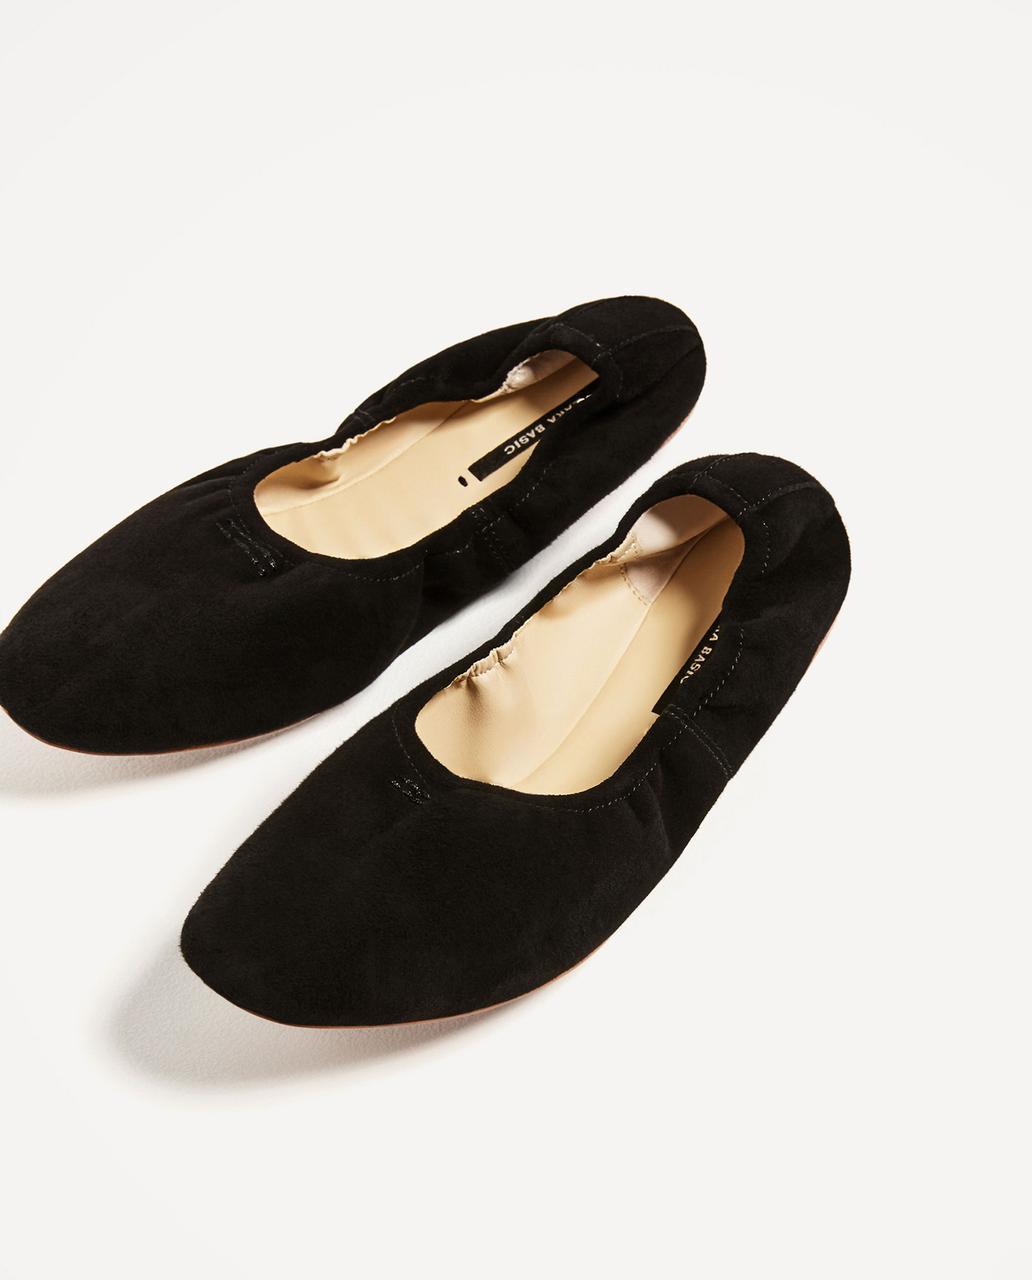 Балетки женские Zara размер 37 туфли для девочек подростковые